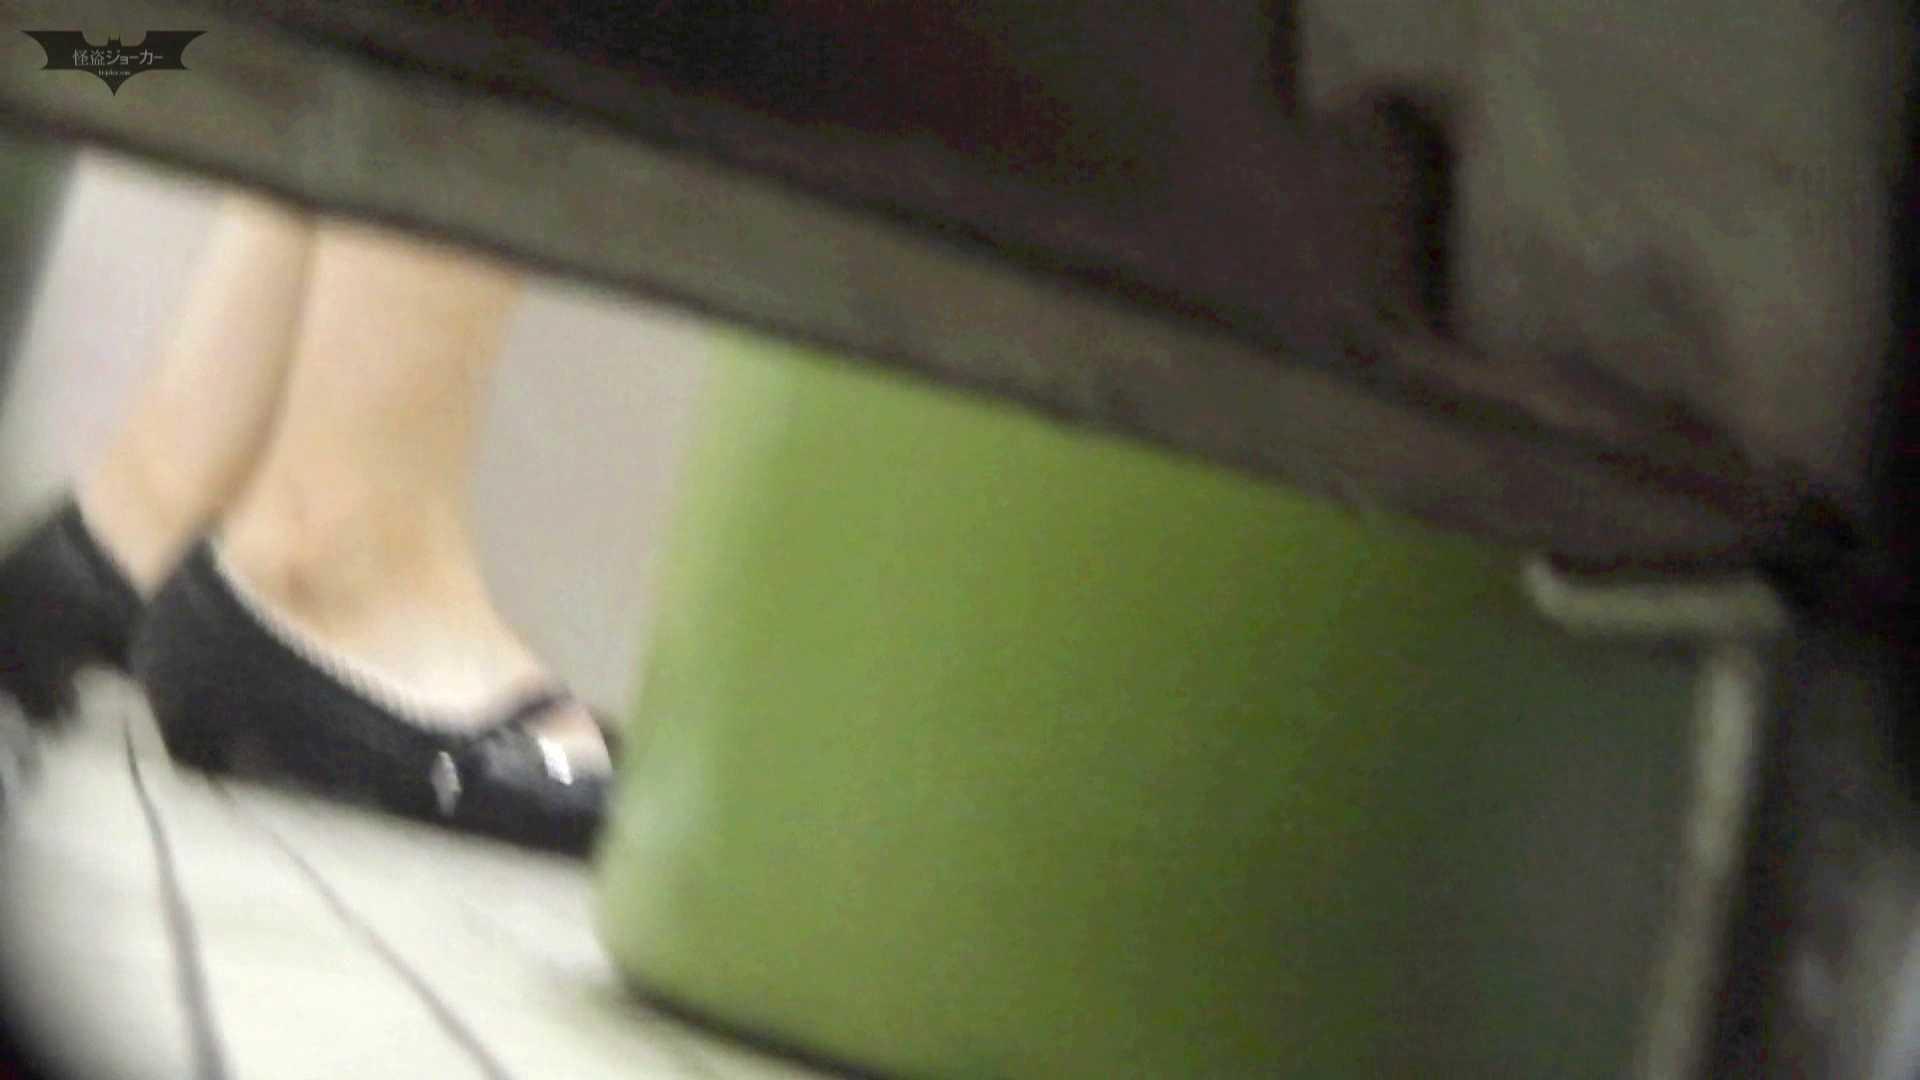 洗面所特攻隊 vol.68 前回のスーパー美女がついに【2015・14位】 洗面所 AV無料動画キャプチャ 68連発 33